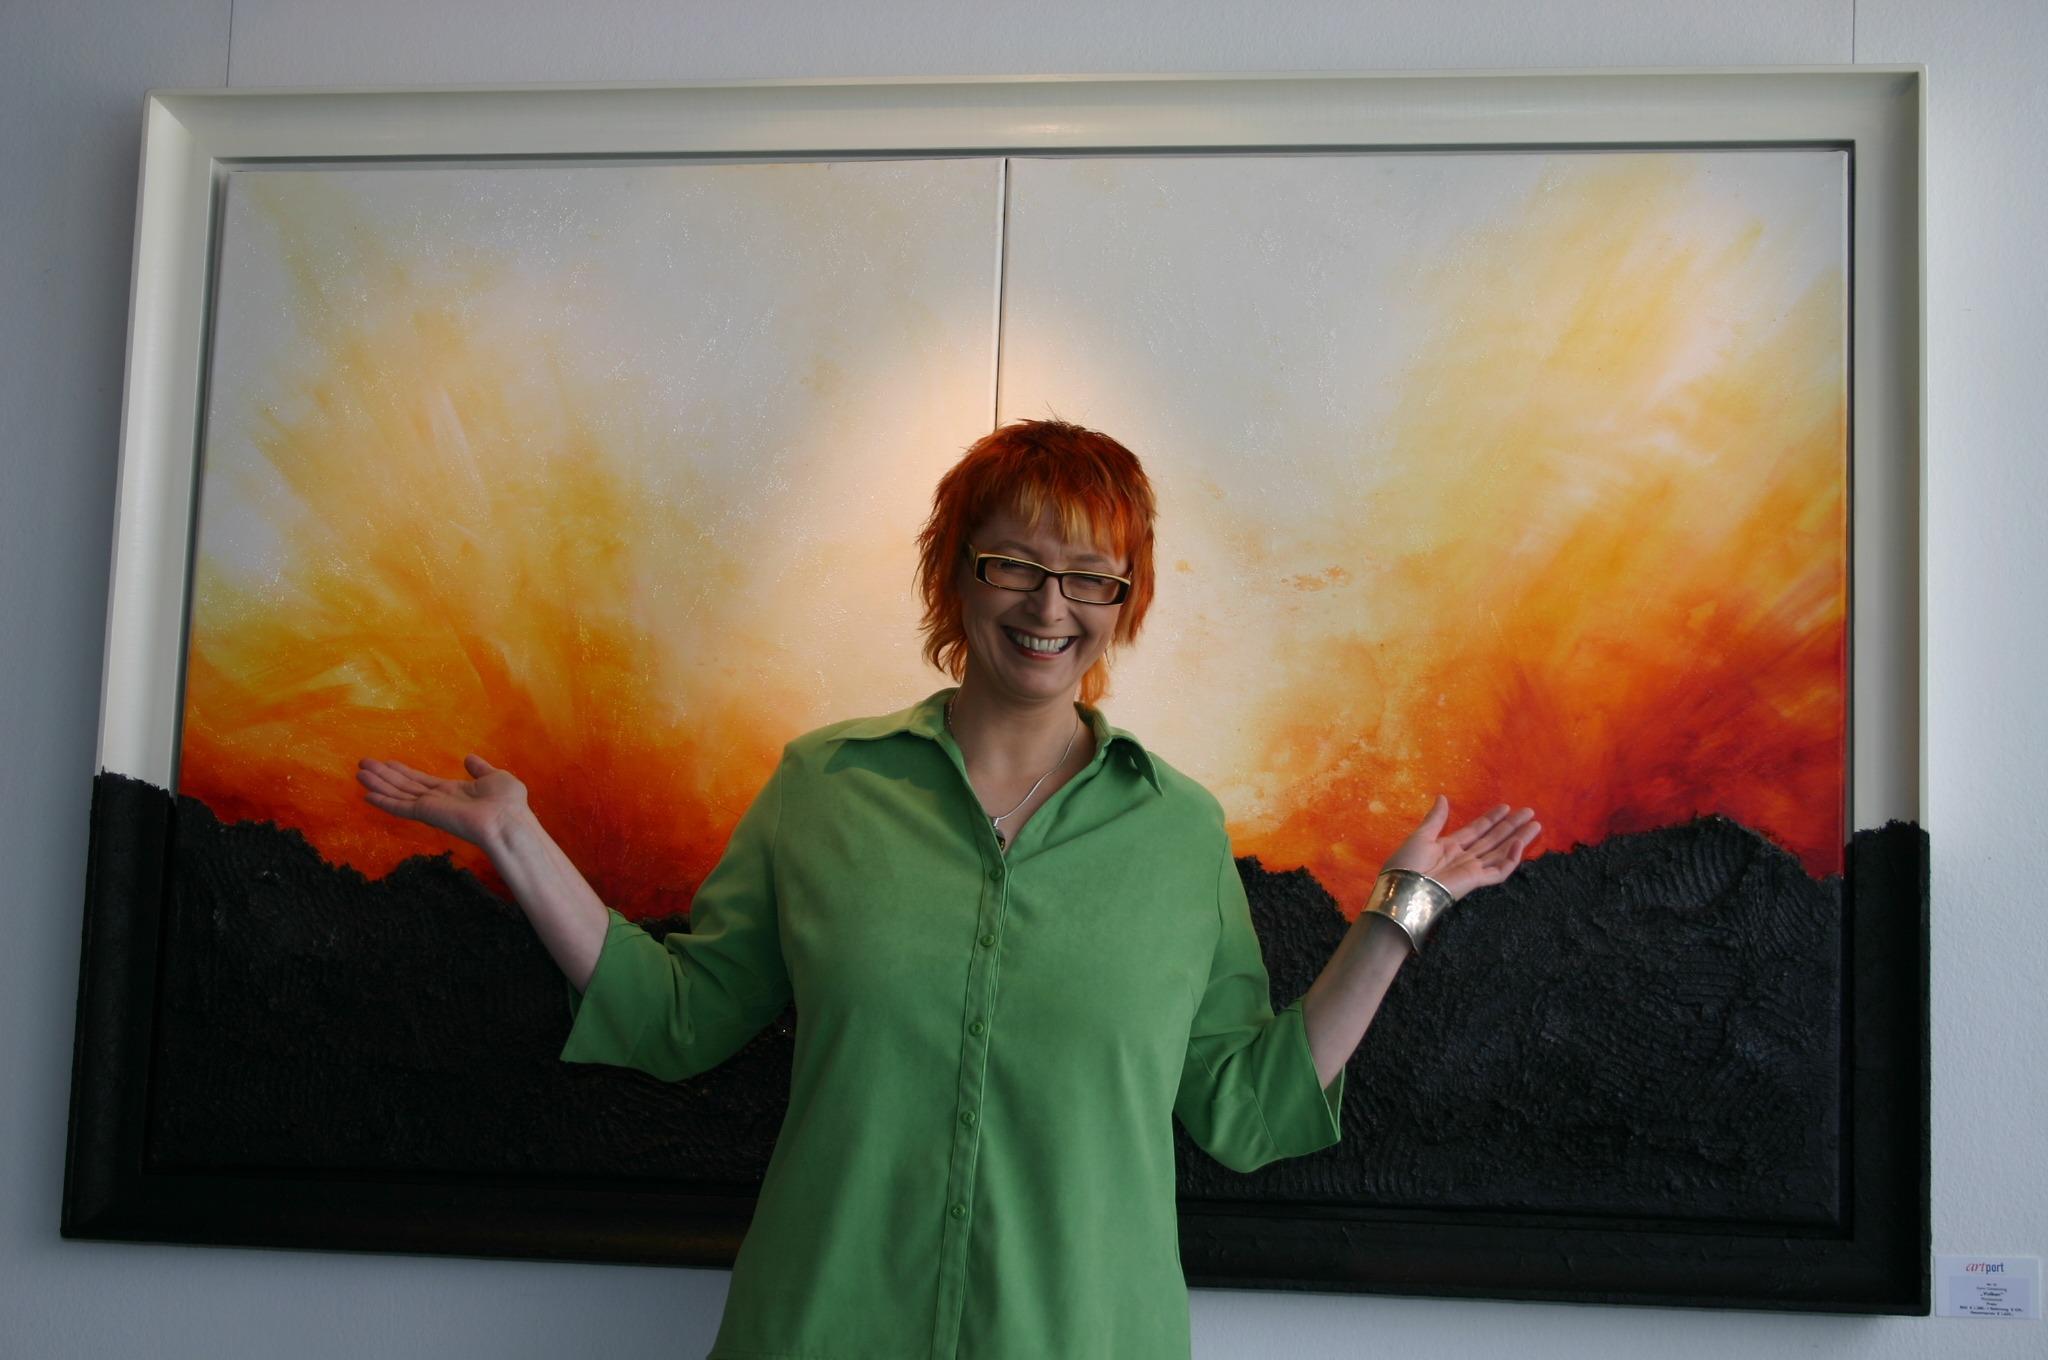 Karin Ganatschnig www.ganatschnig.com